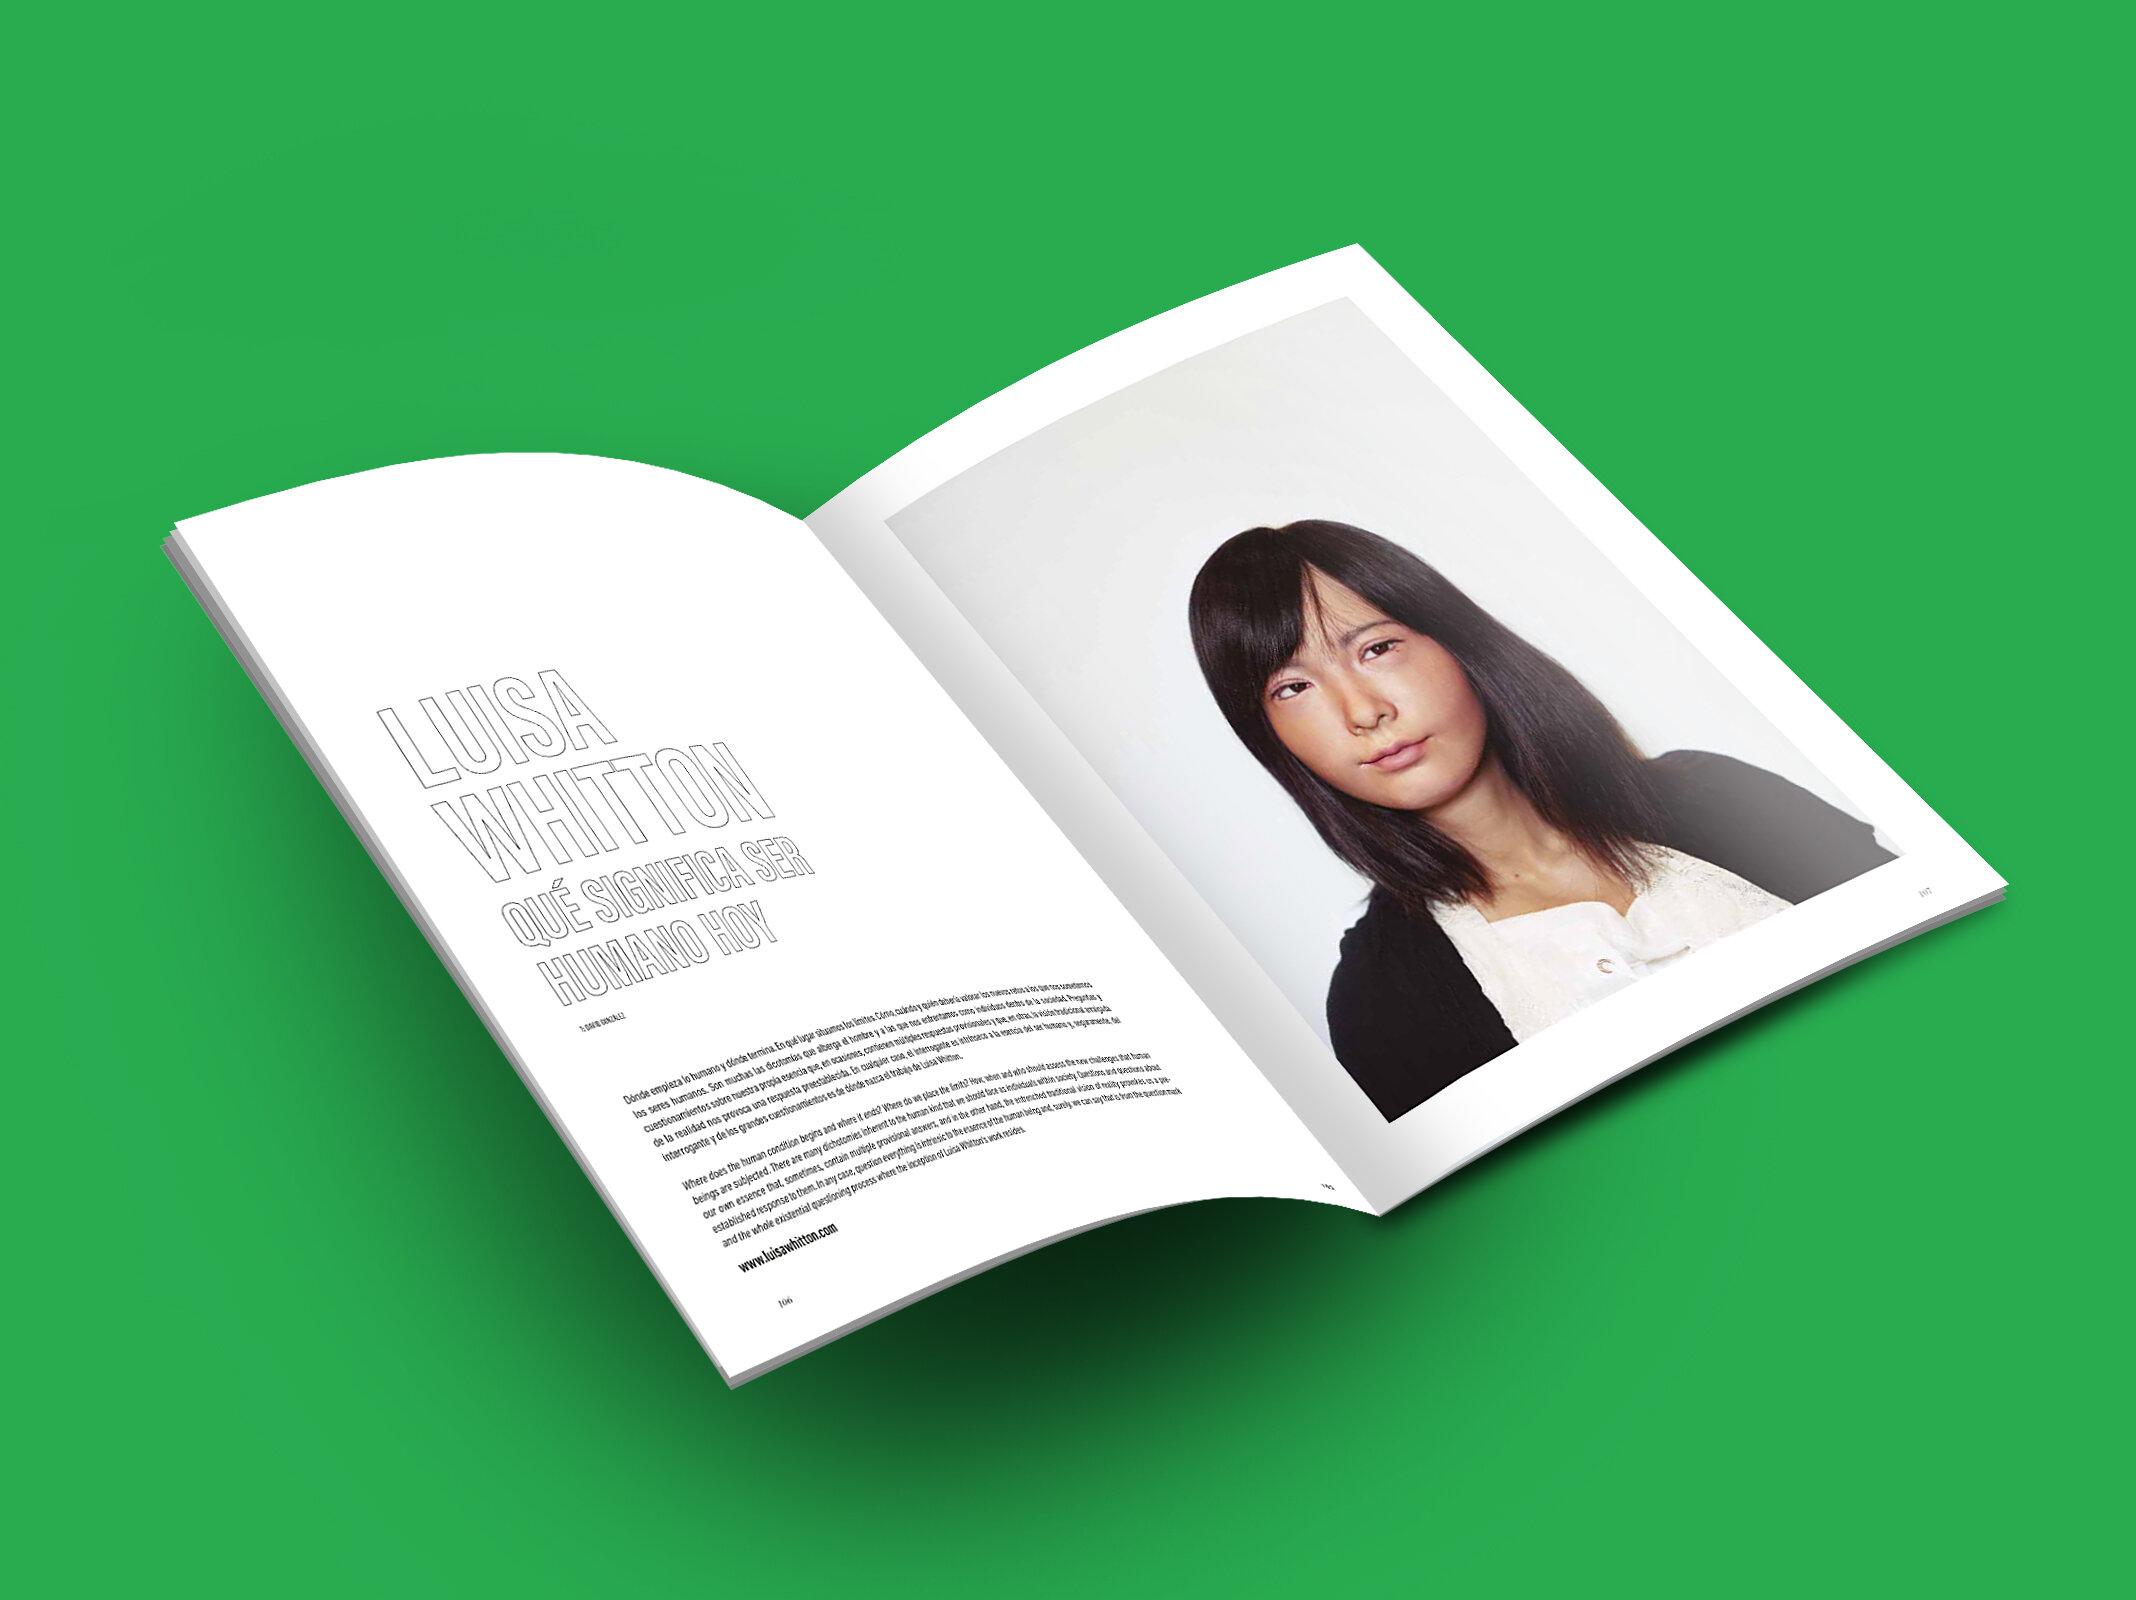 2019 Lamono Magazine  (ESP) Issue 119, 'The New Era'